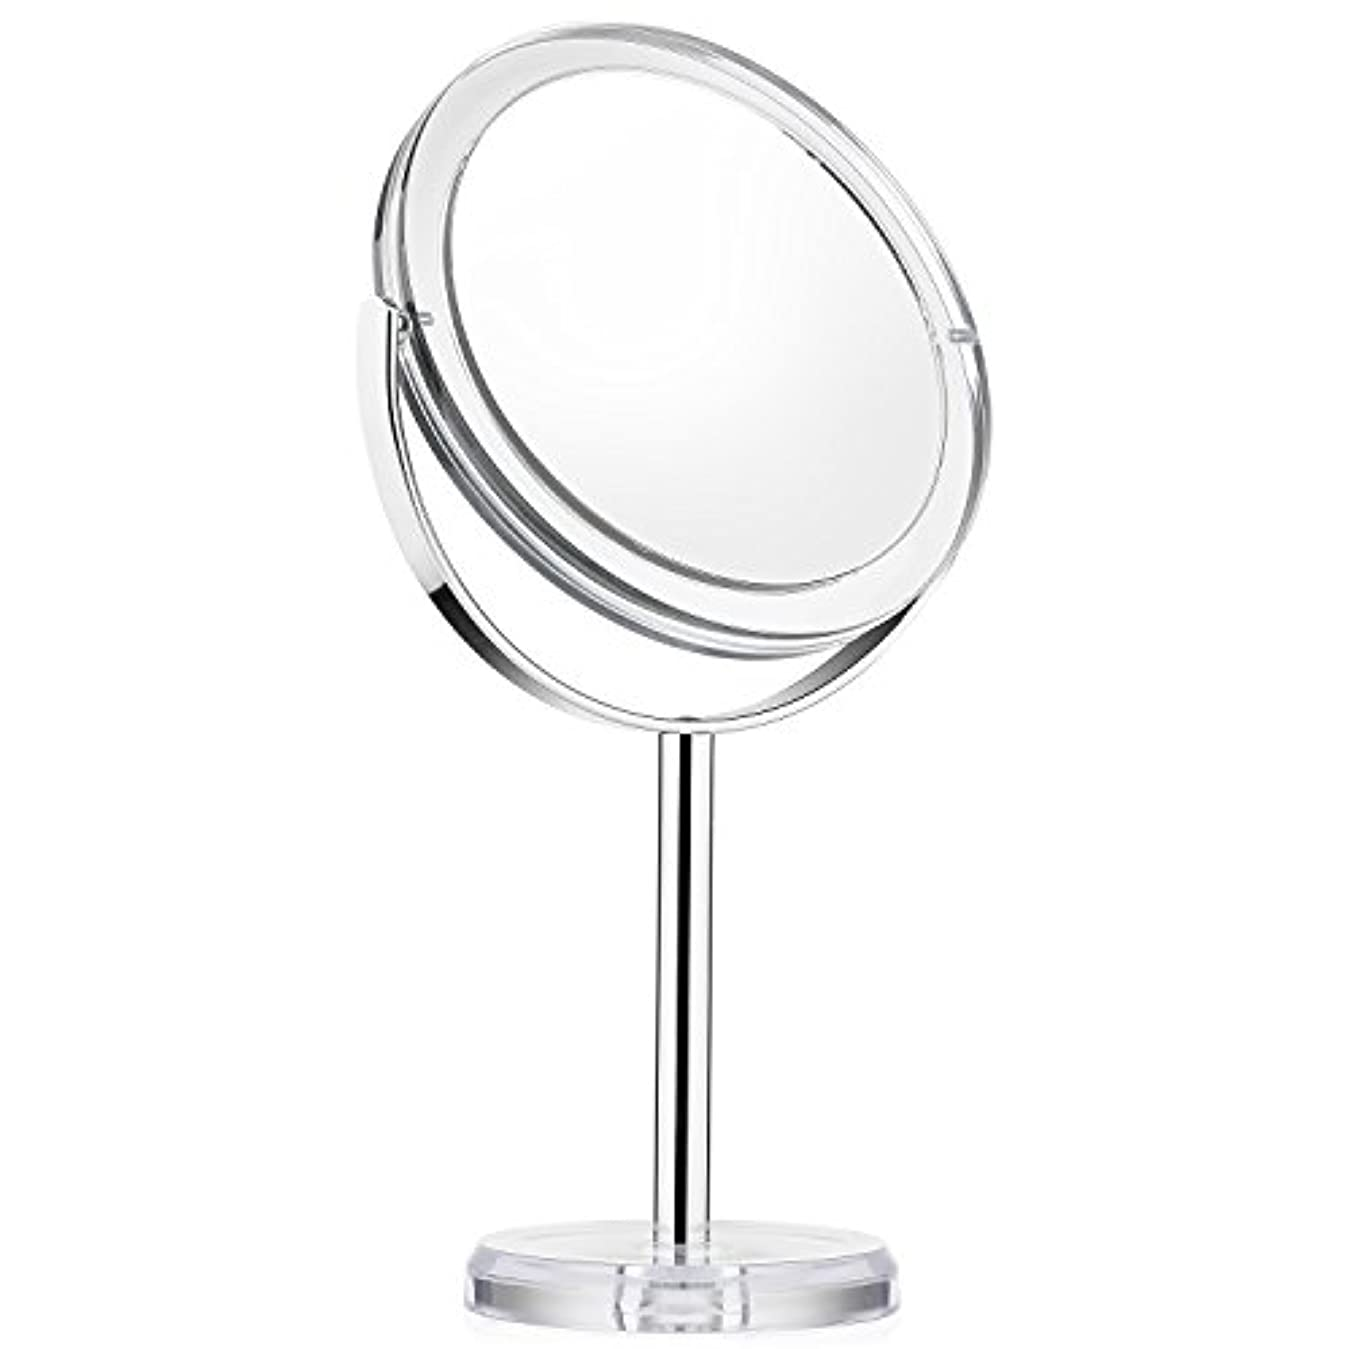 ストラトフォードオンエイボンやる起点化粧ミラー Beautifive 鏡 卓上 化粧鏡 メイクミラー 卓上ミラー スタンドミラー卓上 等倍卓上両面鏡 卓上鏡 7倍拡大スタンドミラー 360°回転可 光学レズン高解像度